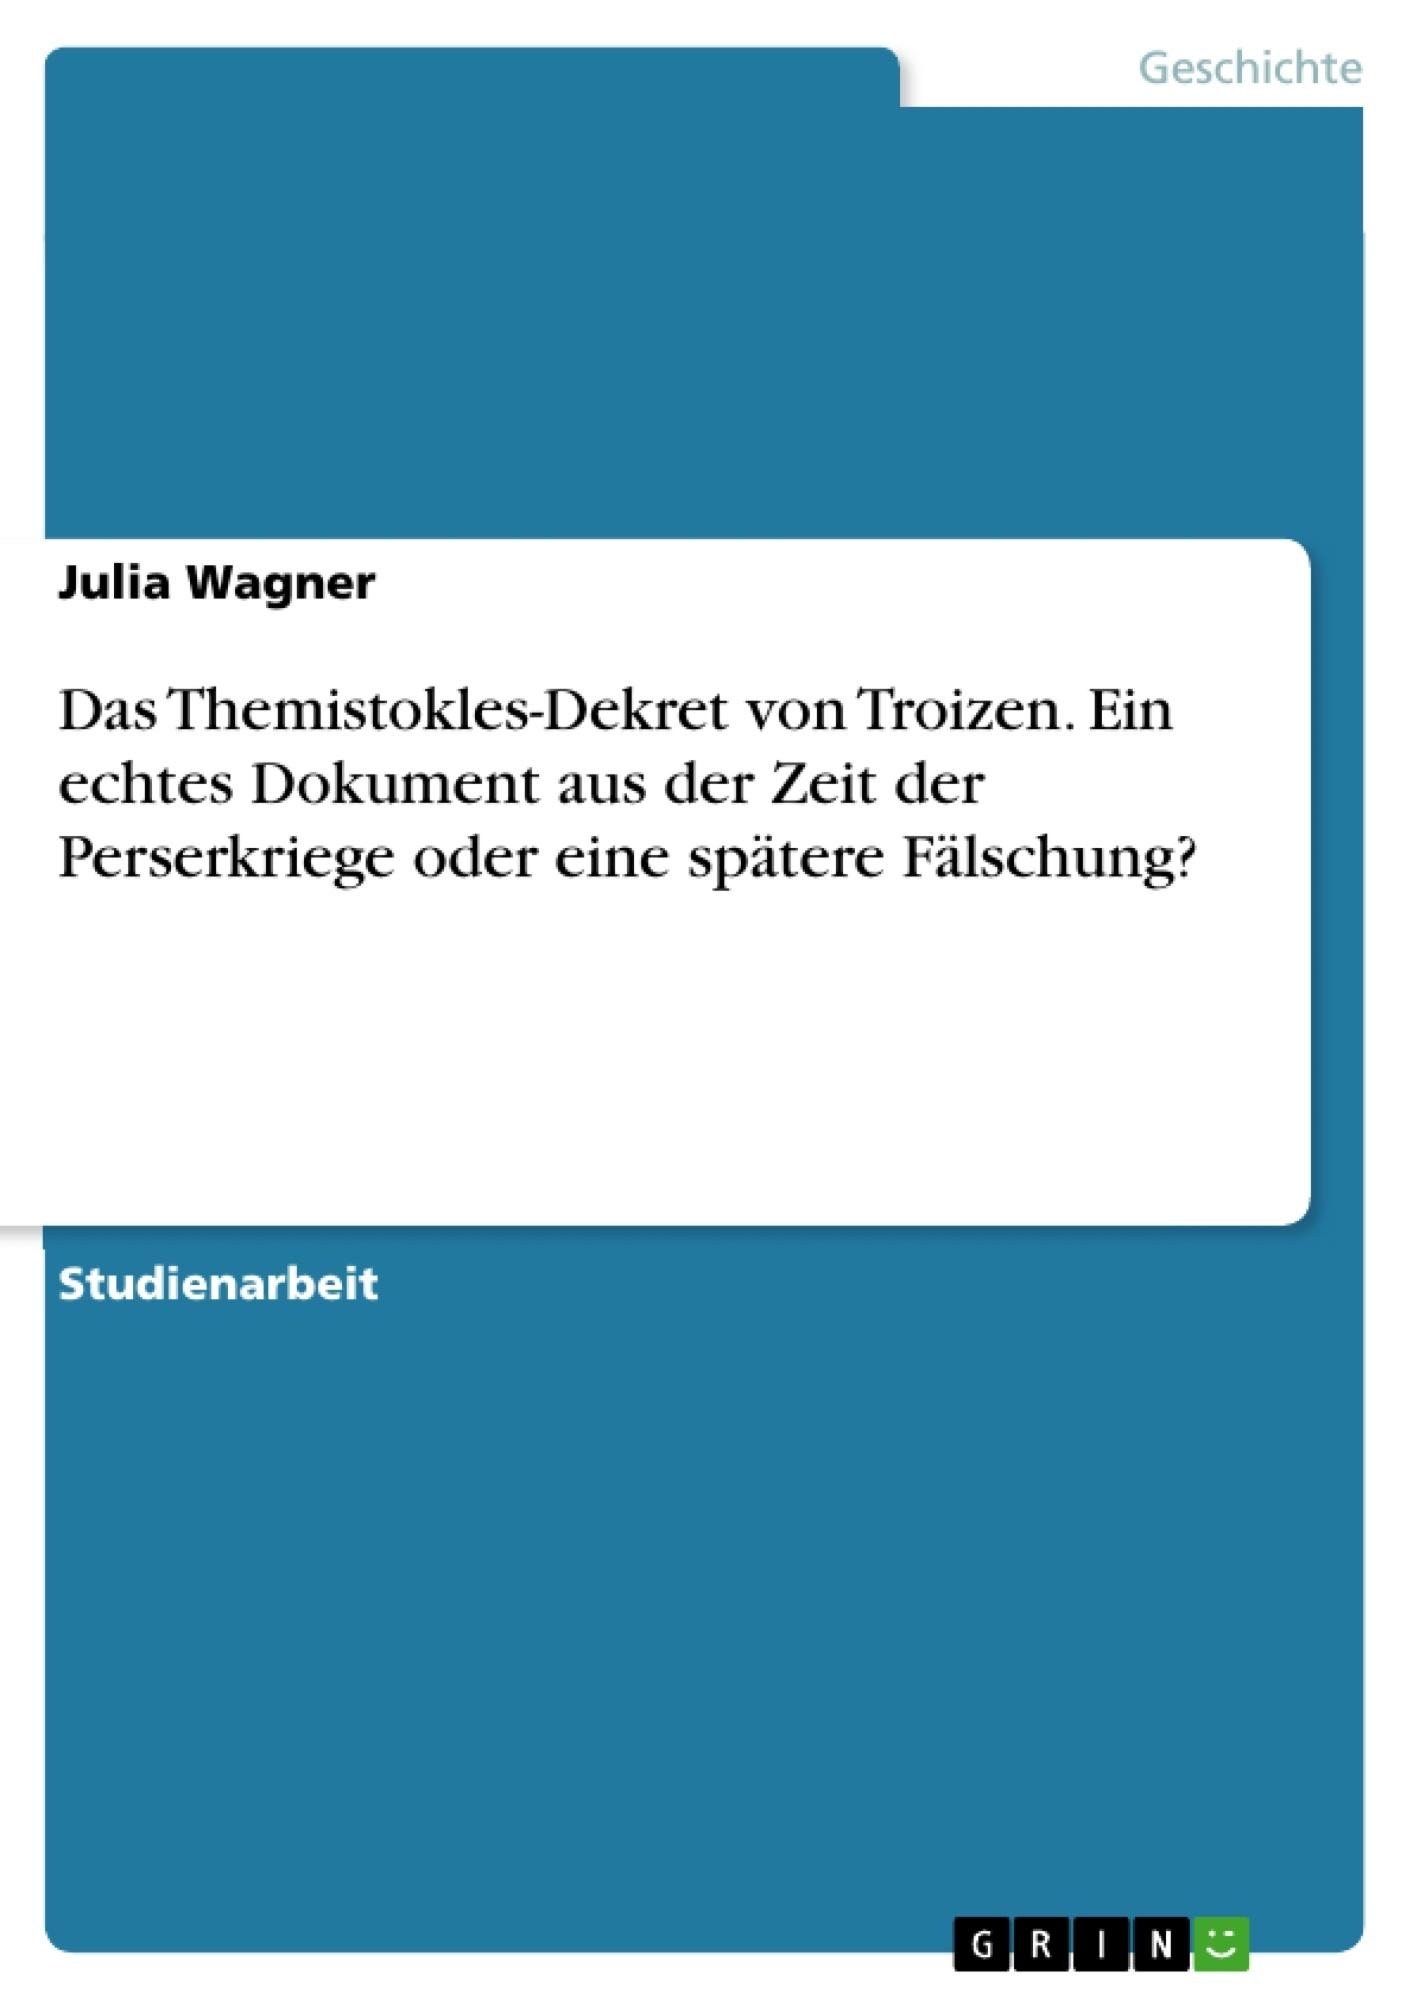 Fantastisch Frei Druckbare Urlaubsbilder Bilder - Malvorlagen Von ...